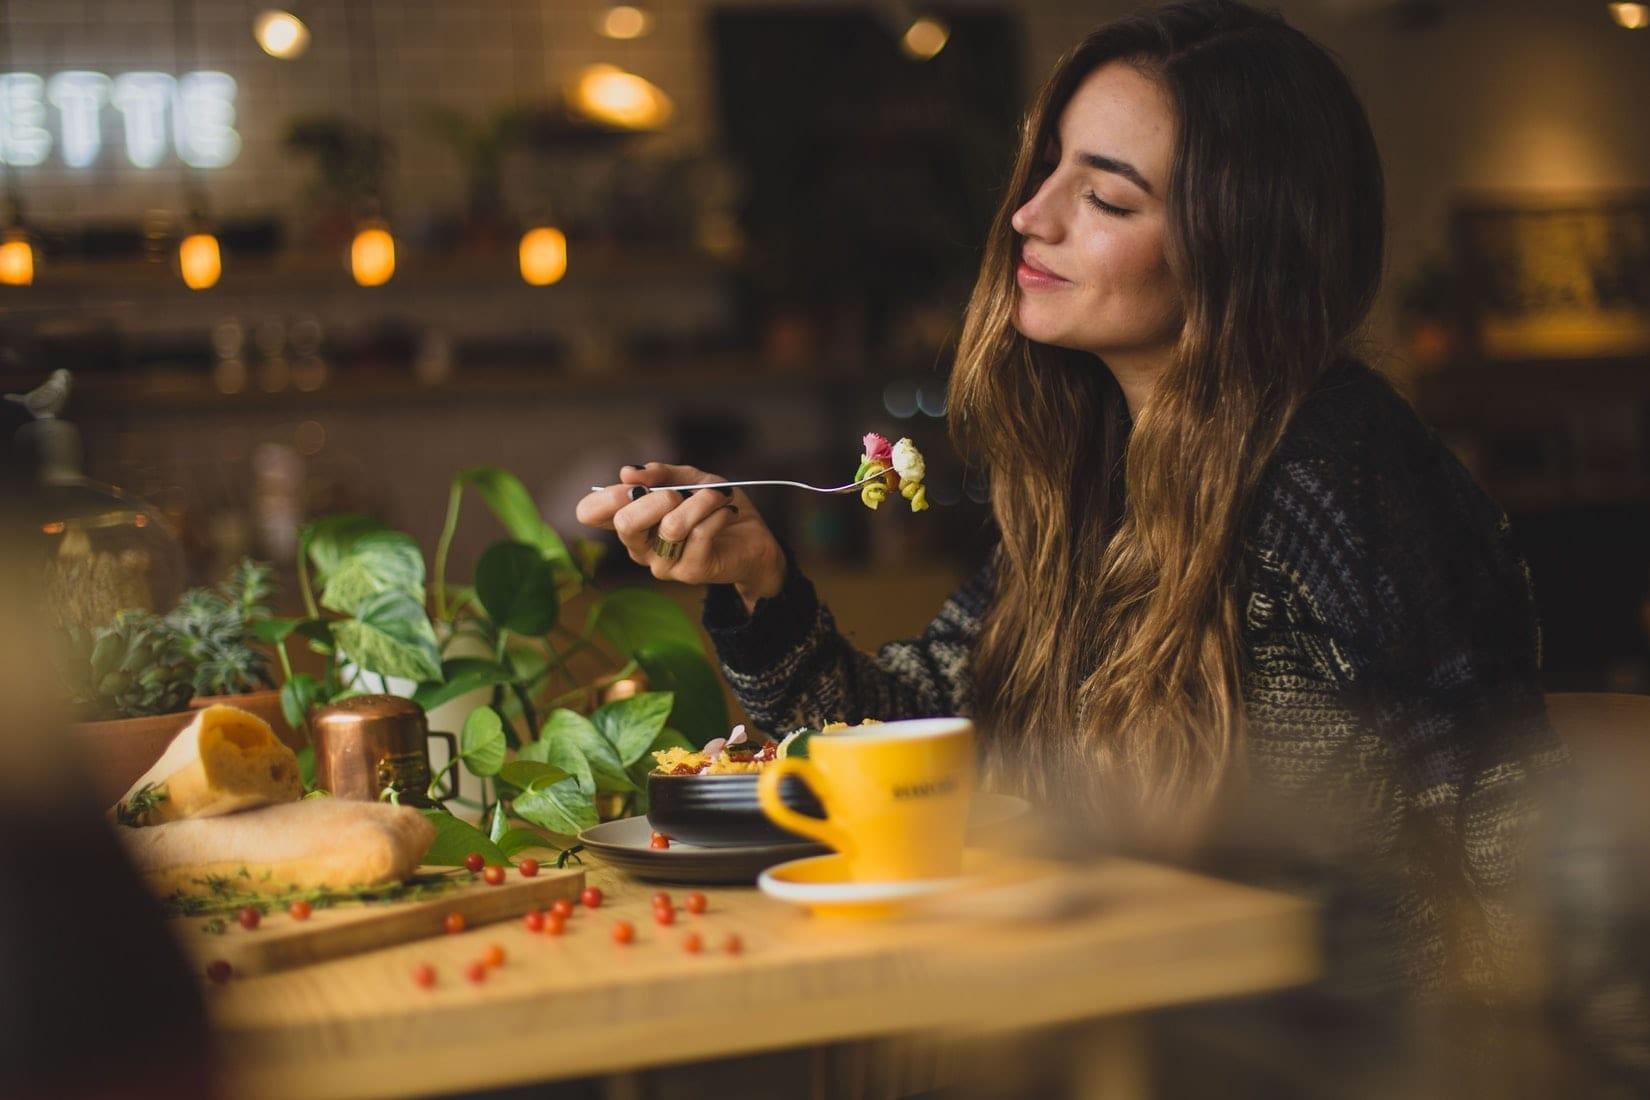 Woman-Enjoying-her-Pasta-Salad